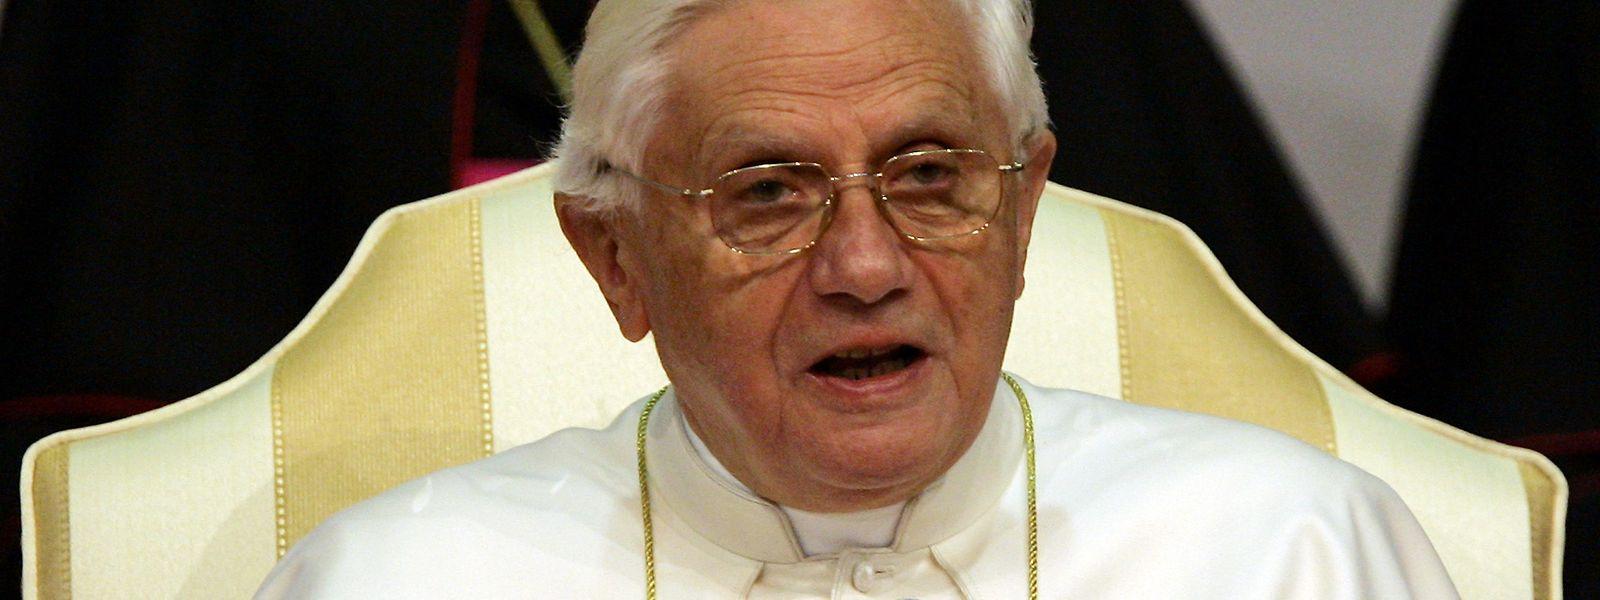 """Papst Franziskus sagte kürzlich über den Gesundheitszustand seines Vorgängers, sein Problem seien seine """"Knie, nicht der Kopf."""""""